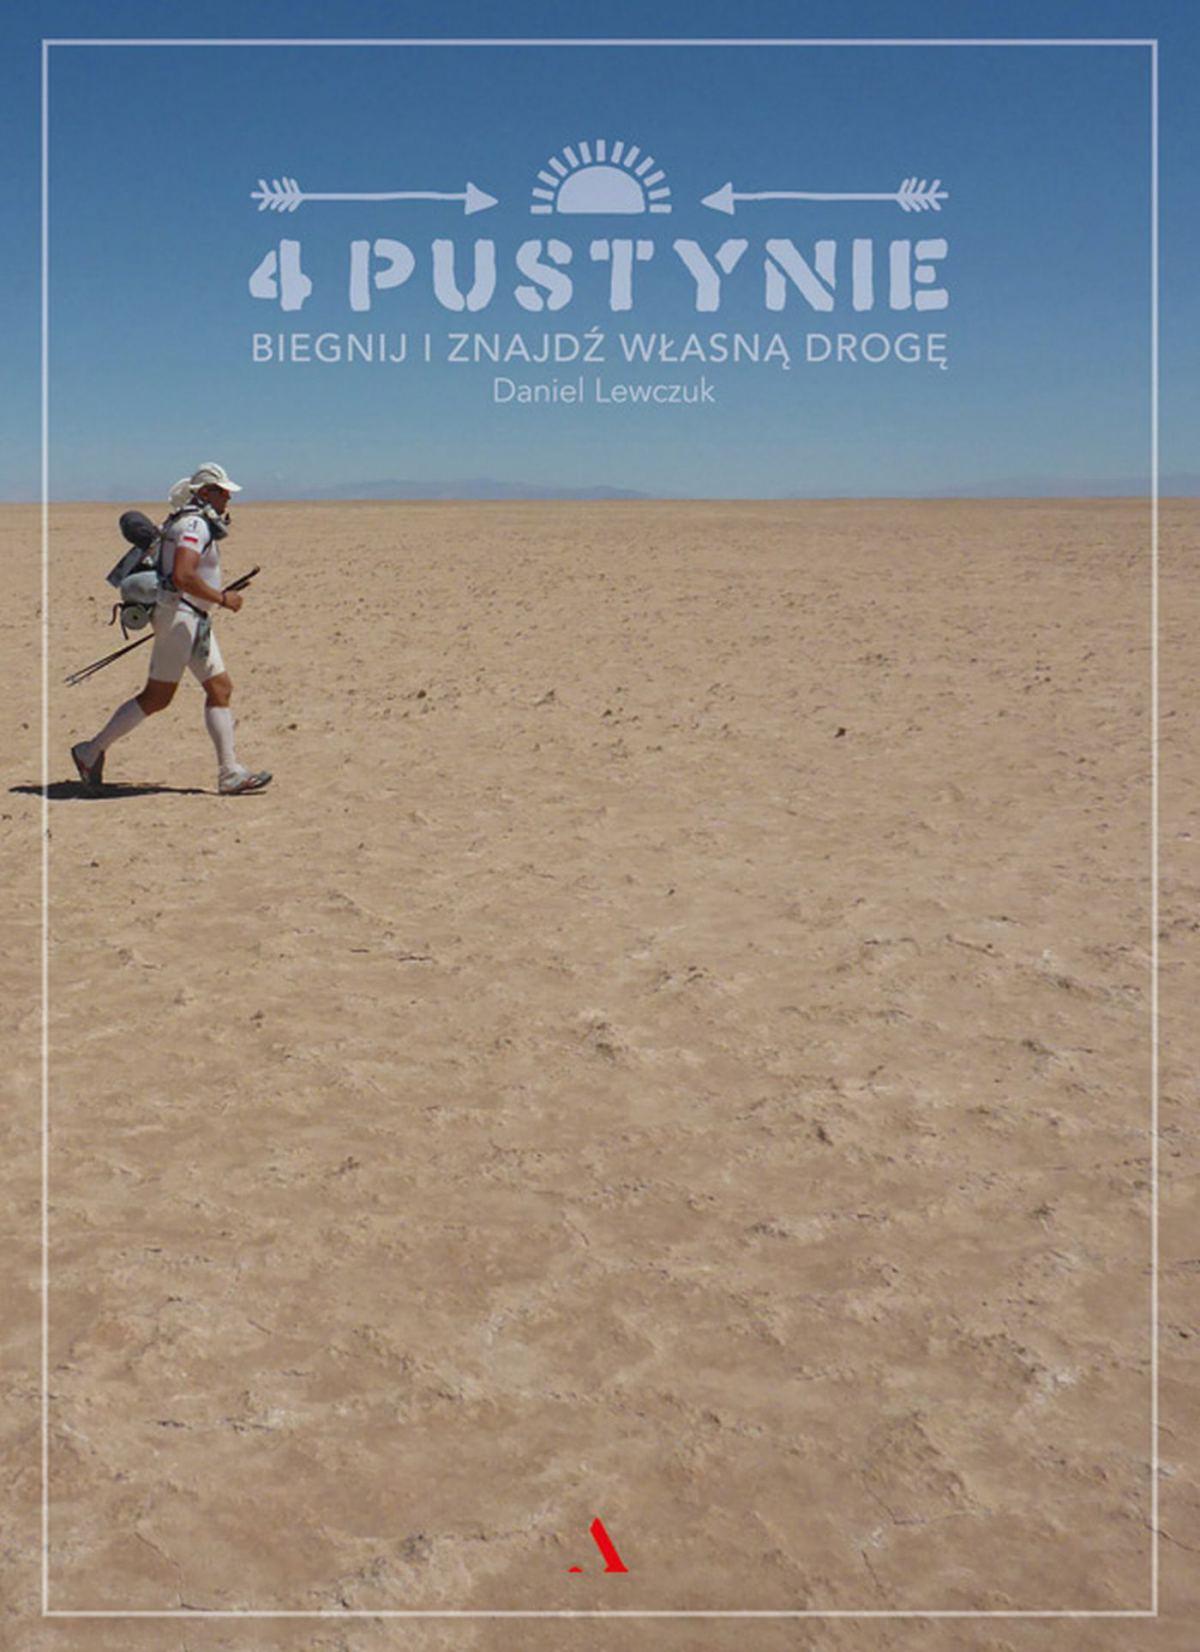 4 pustynie. Biegnij i znajdź własną drogę - Ebook (Książka na Kindle) do pobrania w formacie MOBI